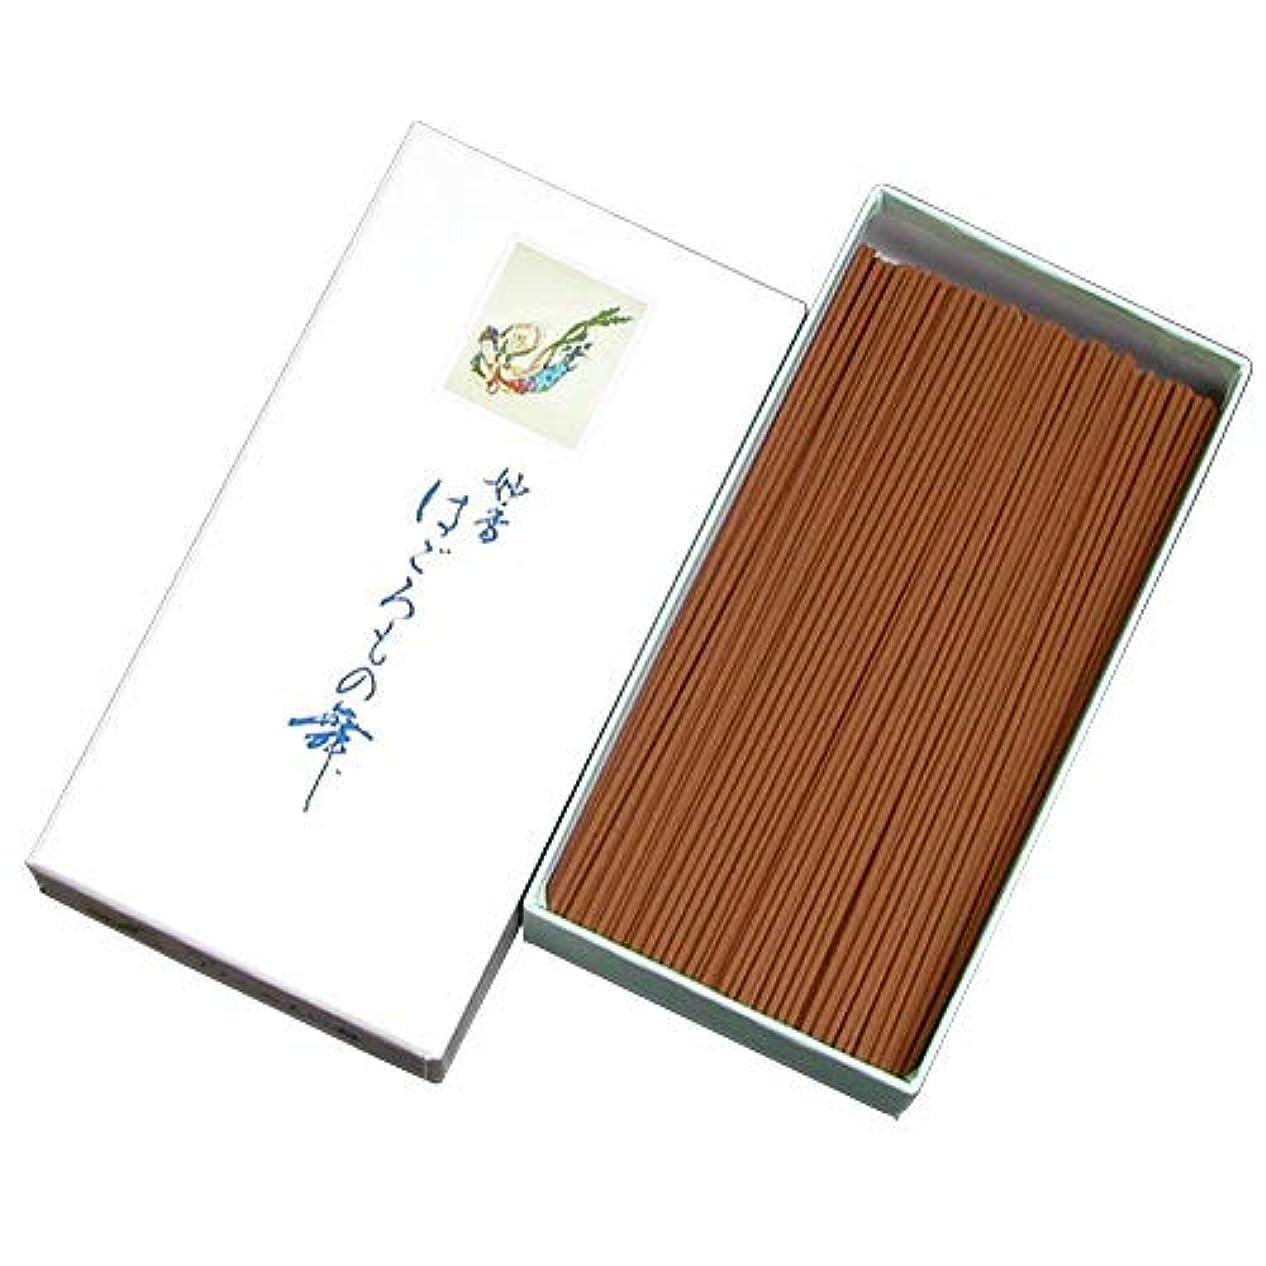 受動的何故なのごめんなさい家庭用線香 はごろもの舞(箱寸法16×8.5×3.5cm)◆一番人気の優しい香りのお線香(大発)